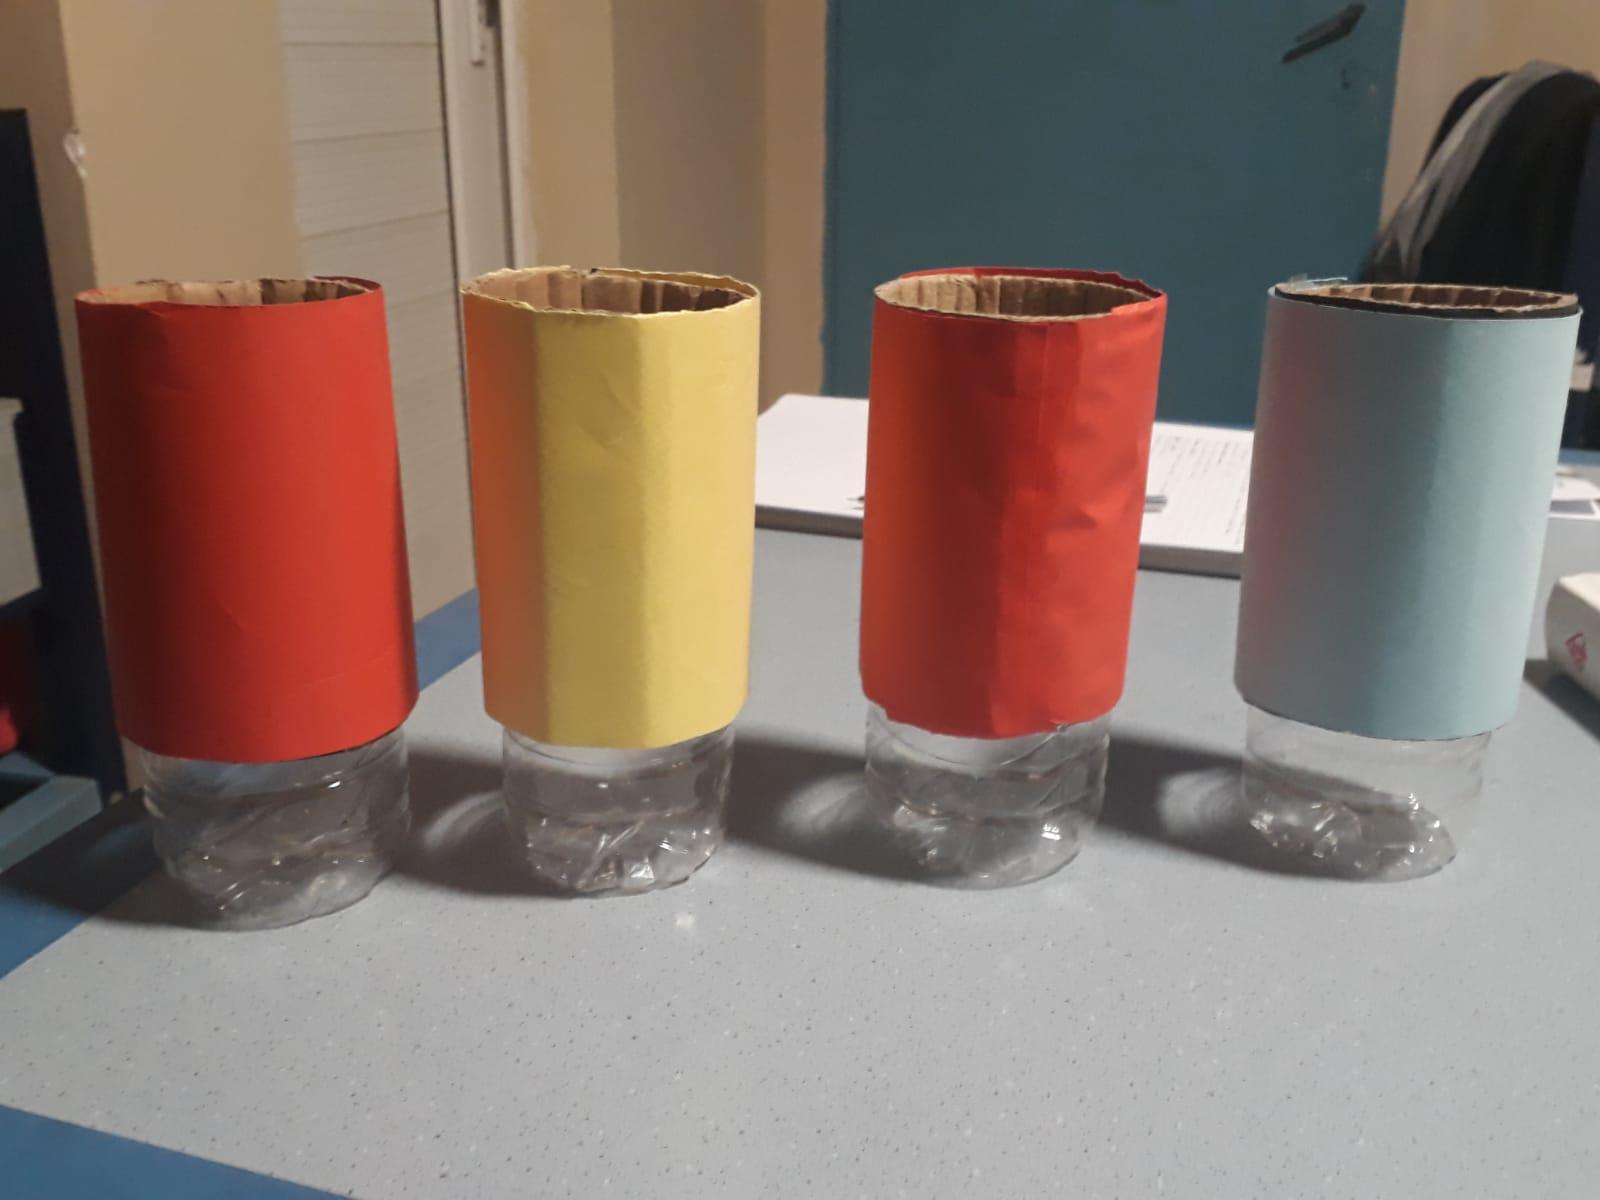 Fen Bilimleri Ses Kirliliği Ders Planı 5E Modeli